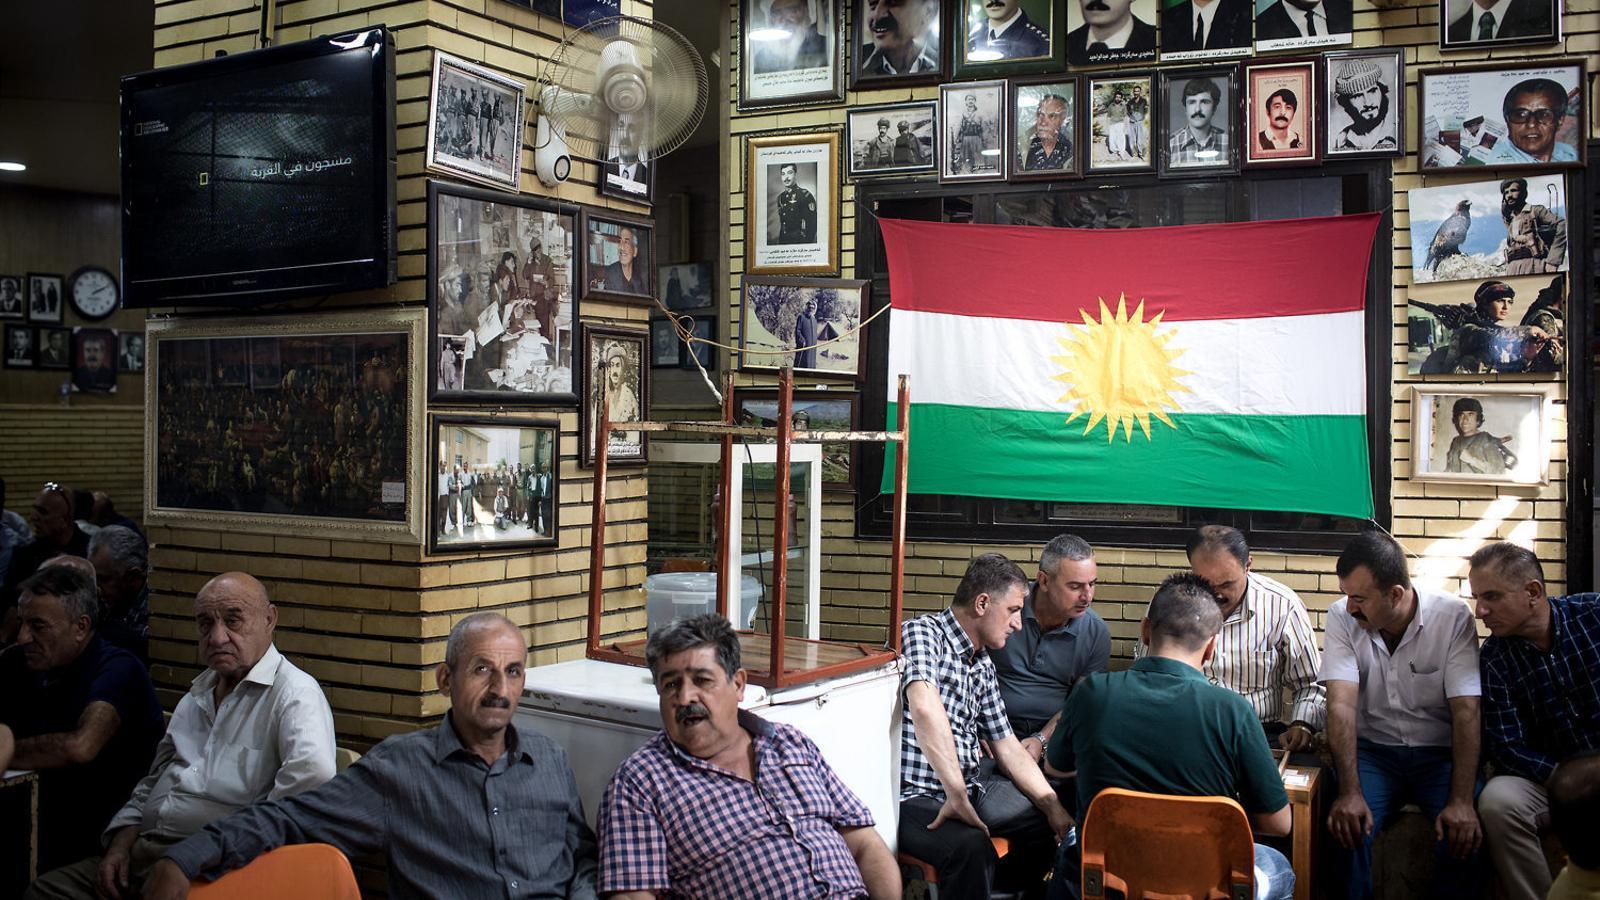 Un grup d'homes conversant, i uns altres jugant a backgammon, en una icònica teteria de Sulaimaniya, al Kurdistan iraquià, la vígilia de l'històric referèndum d'independència de la regió.